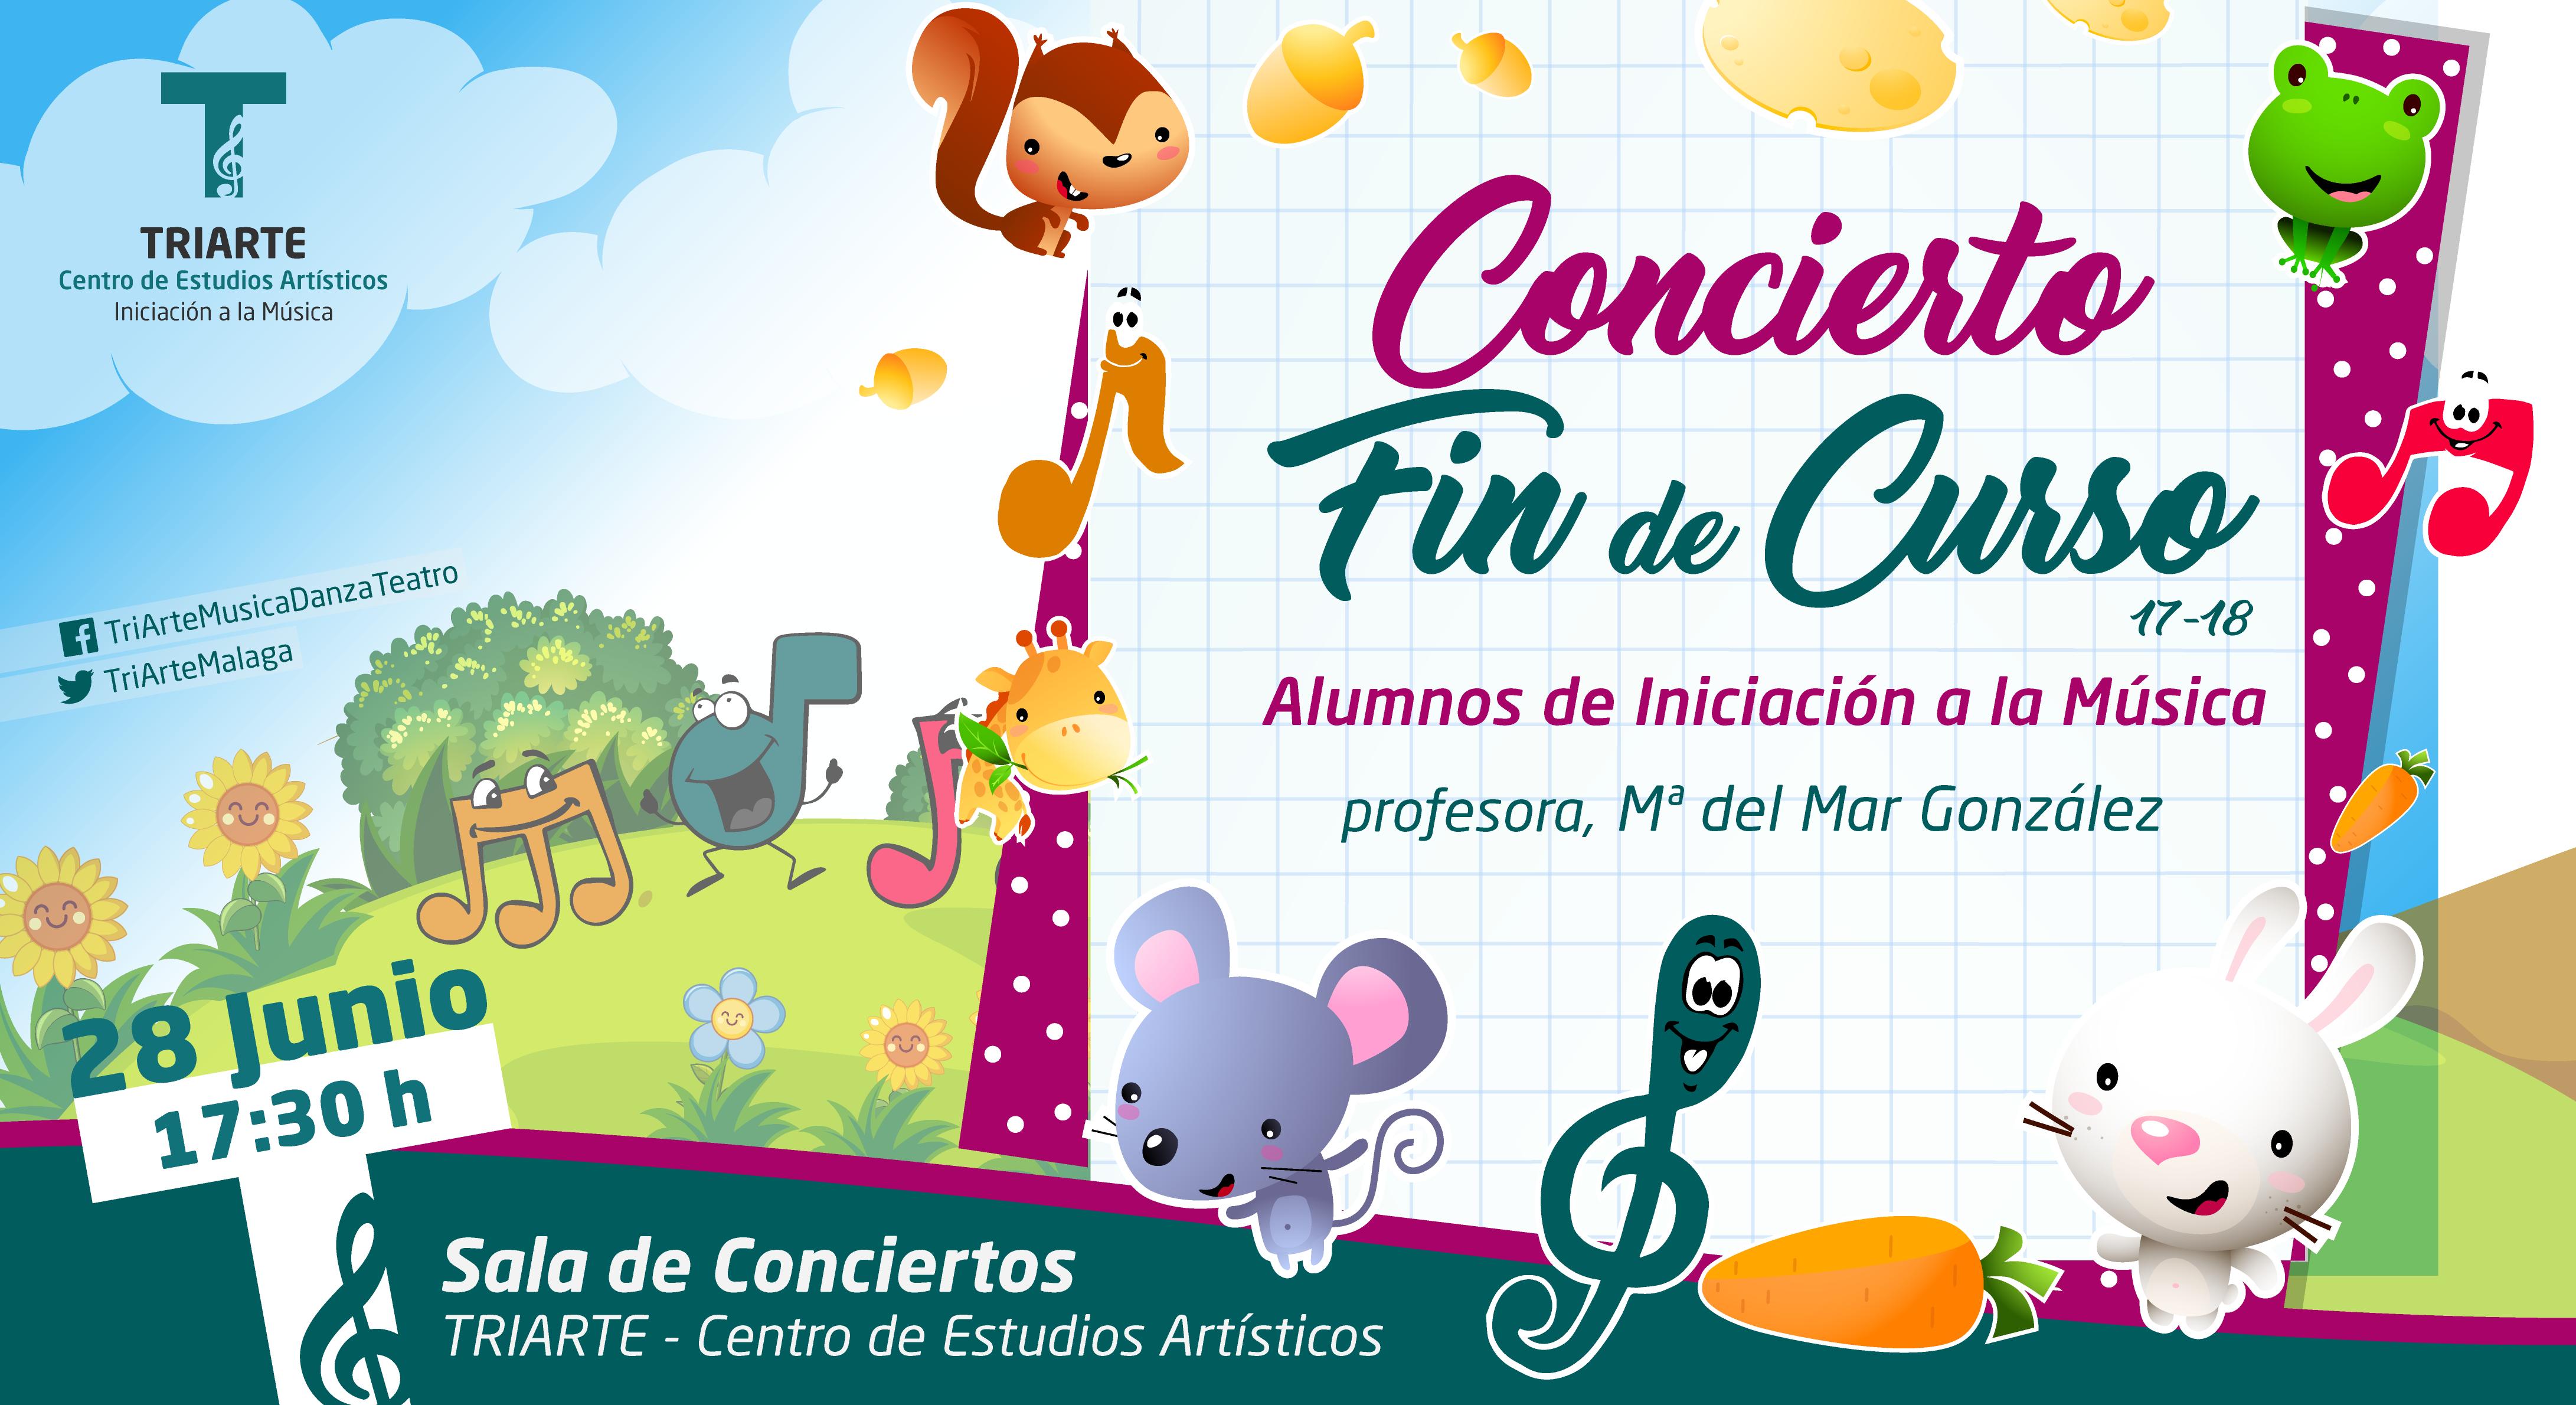 Concierto Fin de Curso. Iniciación a la Música. Triarte, Málaga. Clases de Música para niños de 4 a 5 años